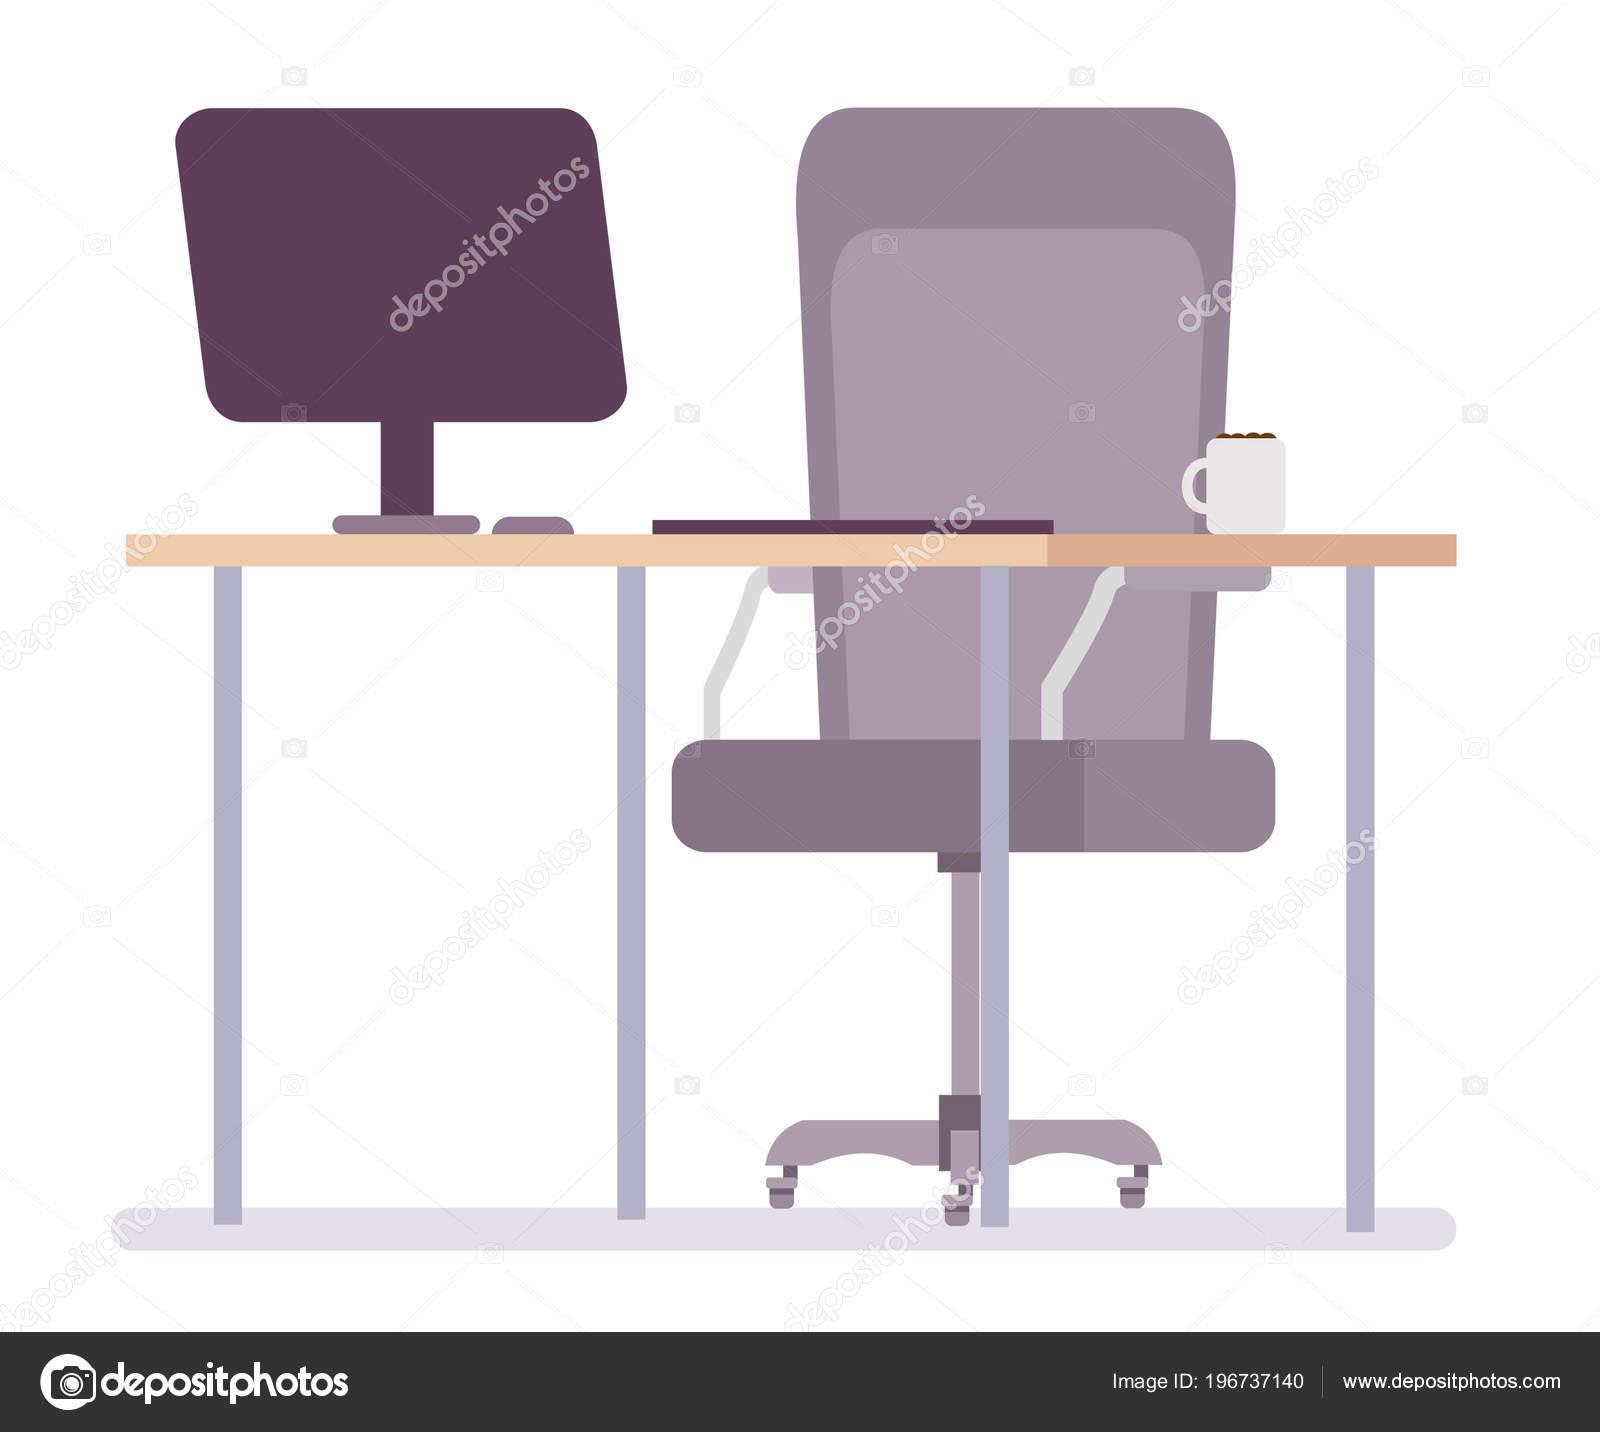 Chaise Bureau Illustration Conception Dessin Anim Vecteur Isol Sur Fond Image Vectorielle